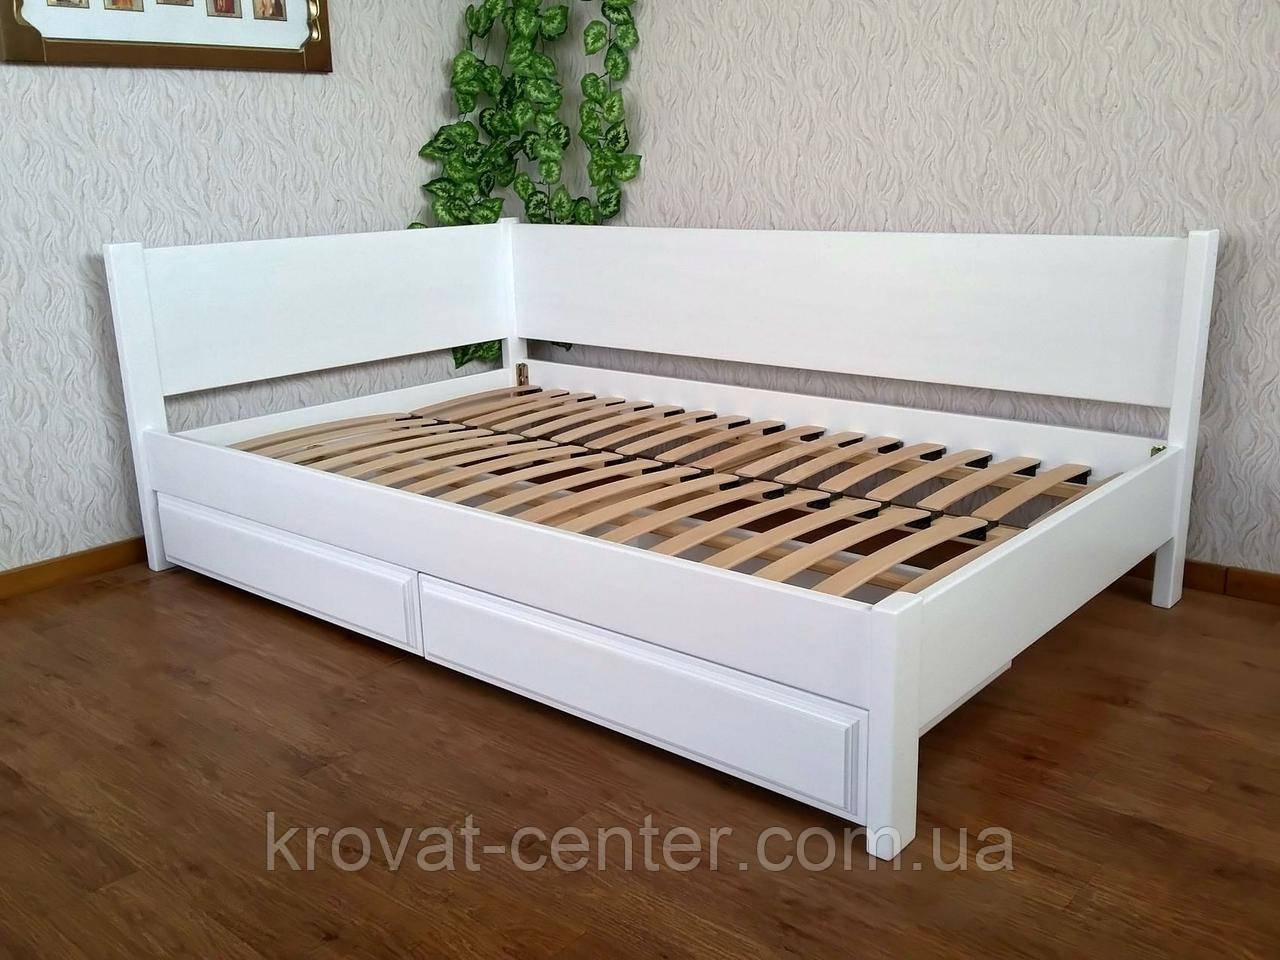 """Біла полуторне ліжко з дерева з висувними ящиками """"Шанталь"""" від виробника"""